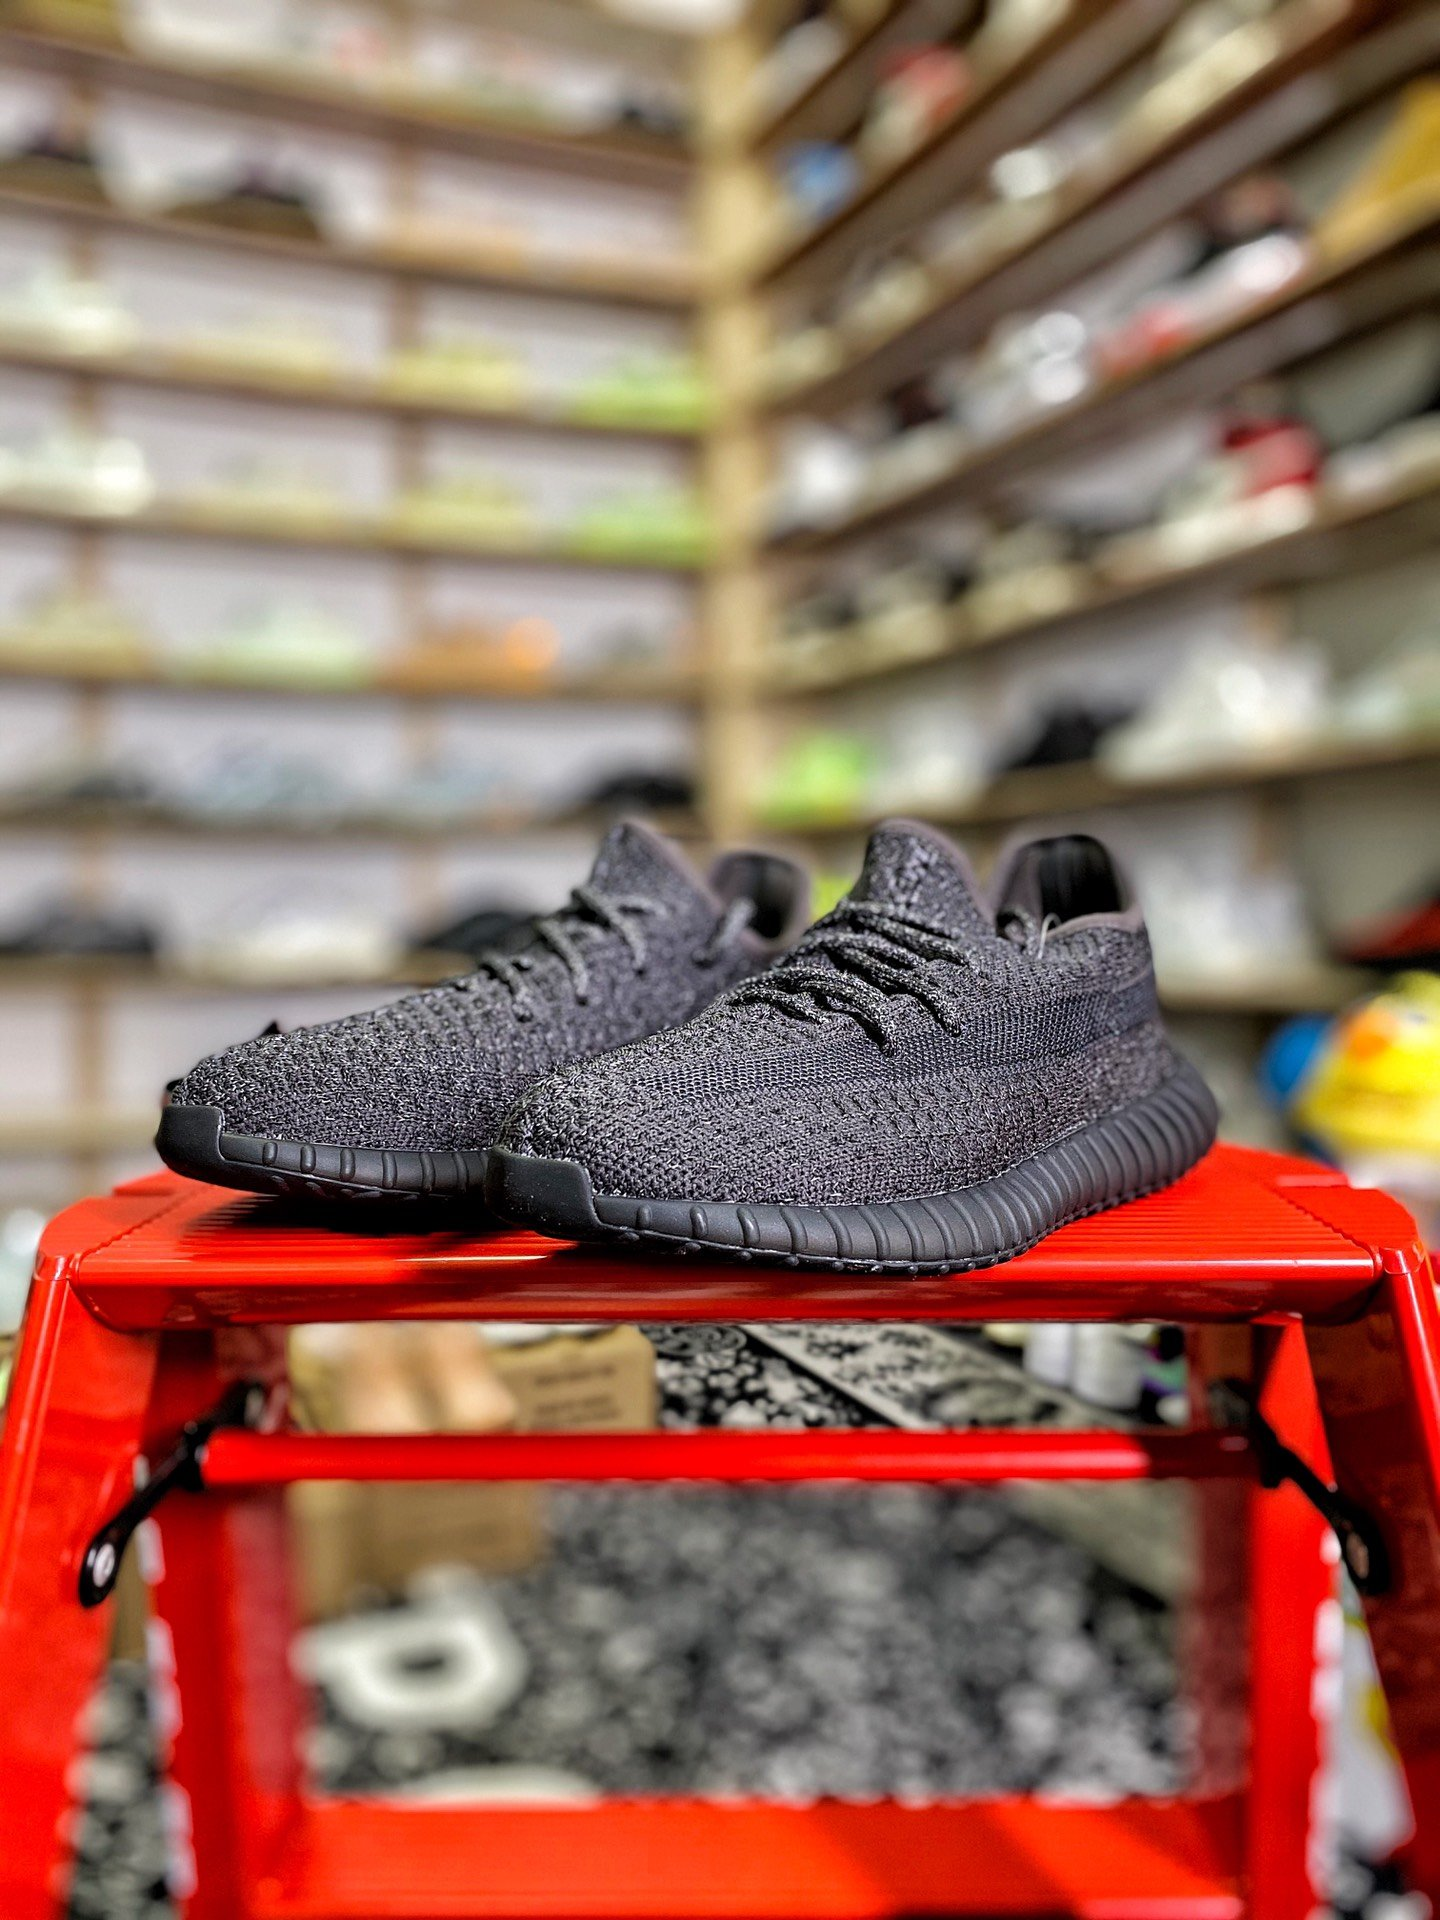 """Yeezy 350v2 """"童鞋 黑满天星 货号:FU9012-特供版 aj1 又拍"""